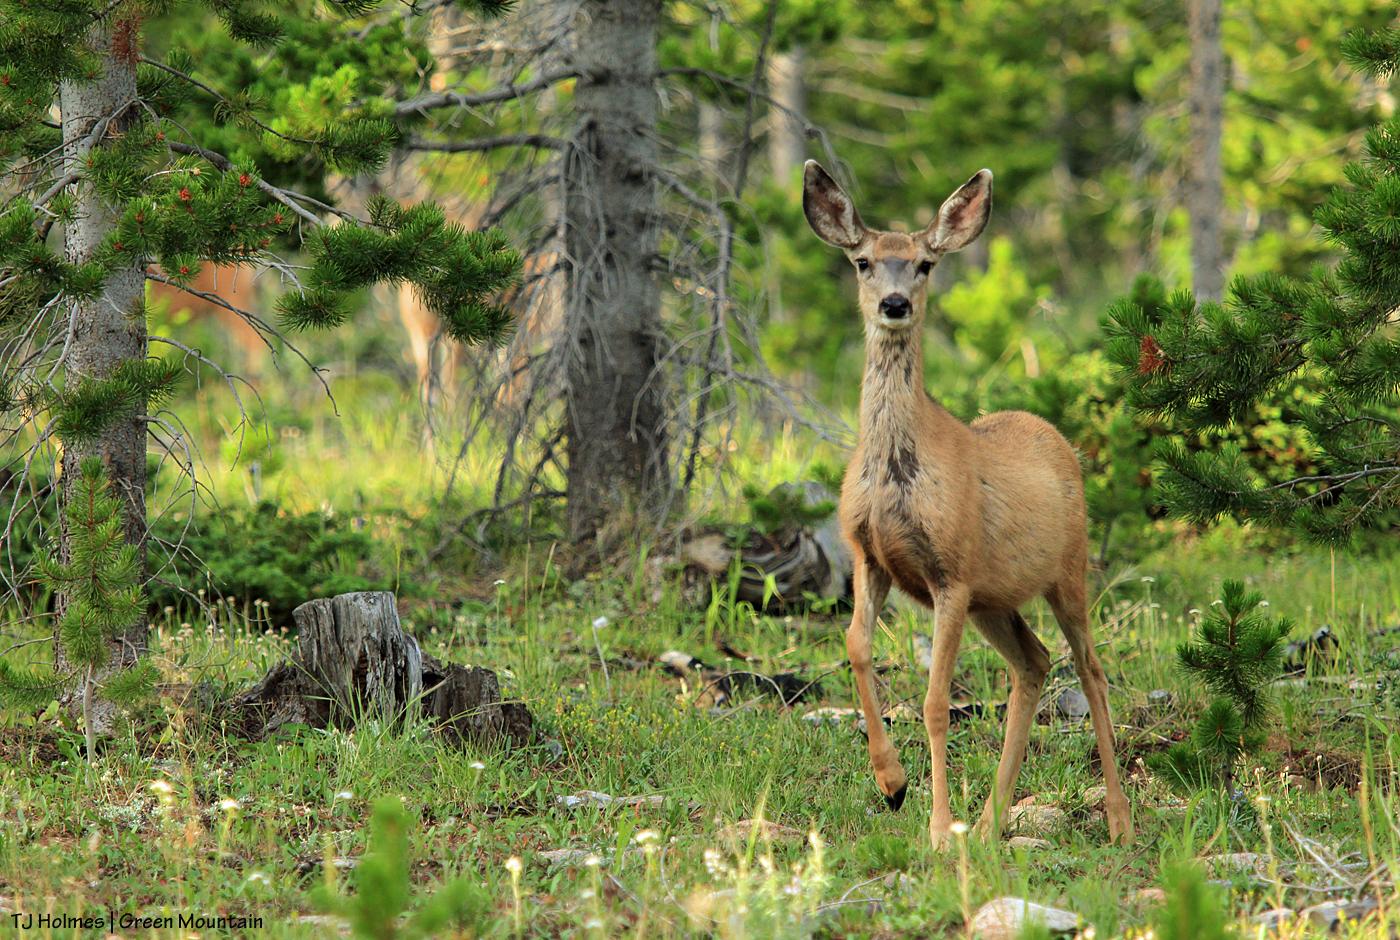 Mule deer doe on Green Mountain, Wyoming.